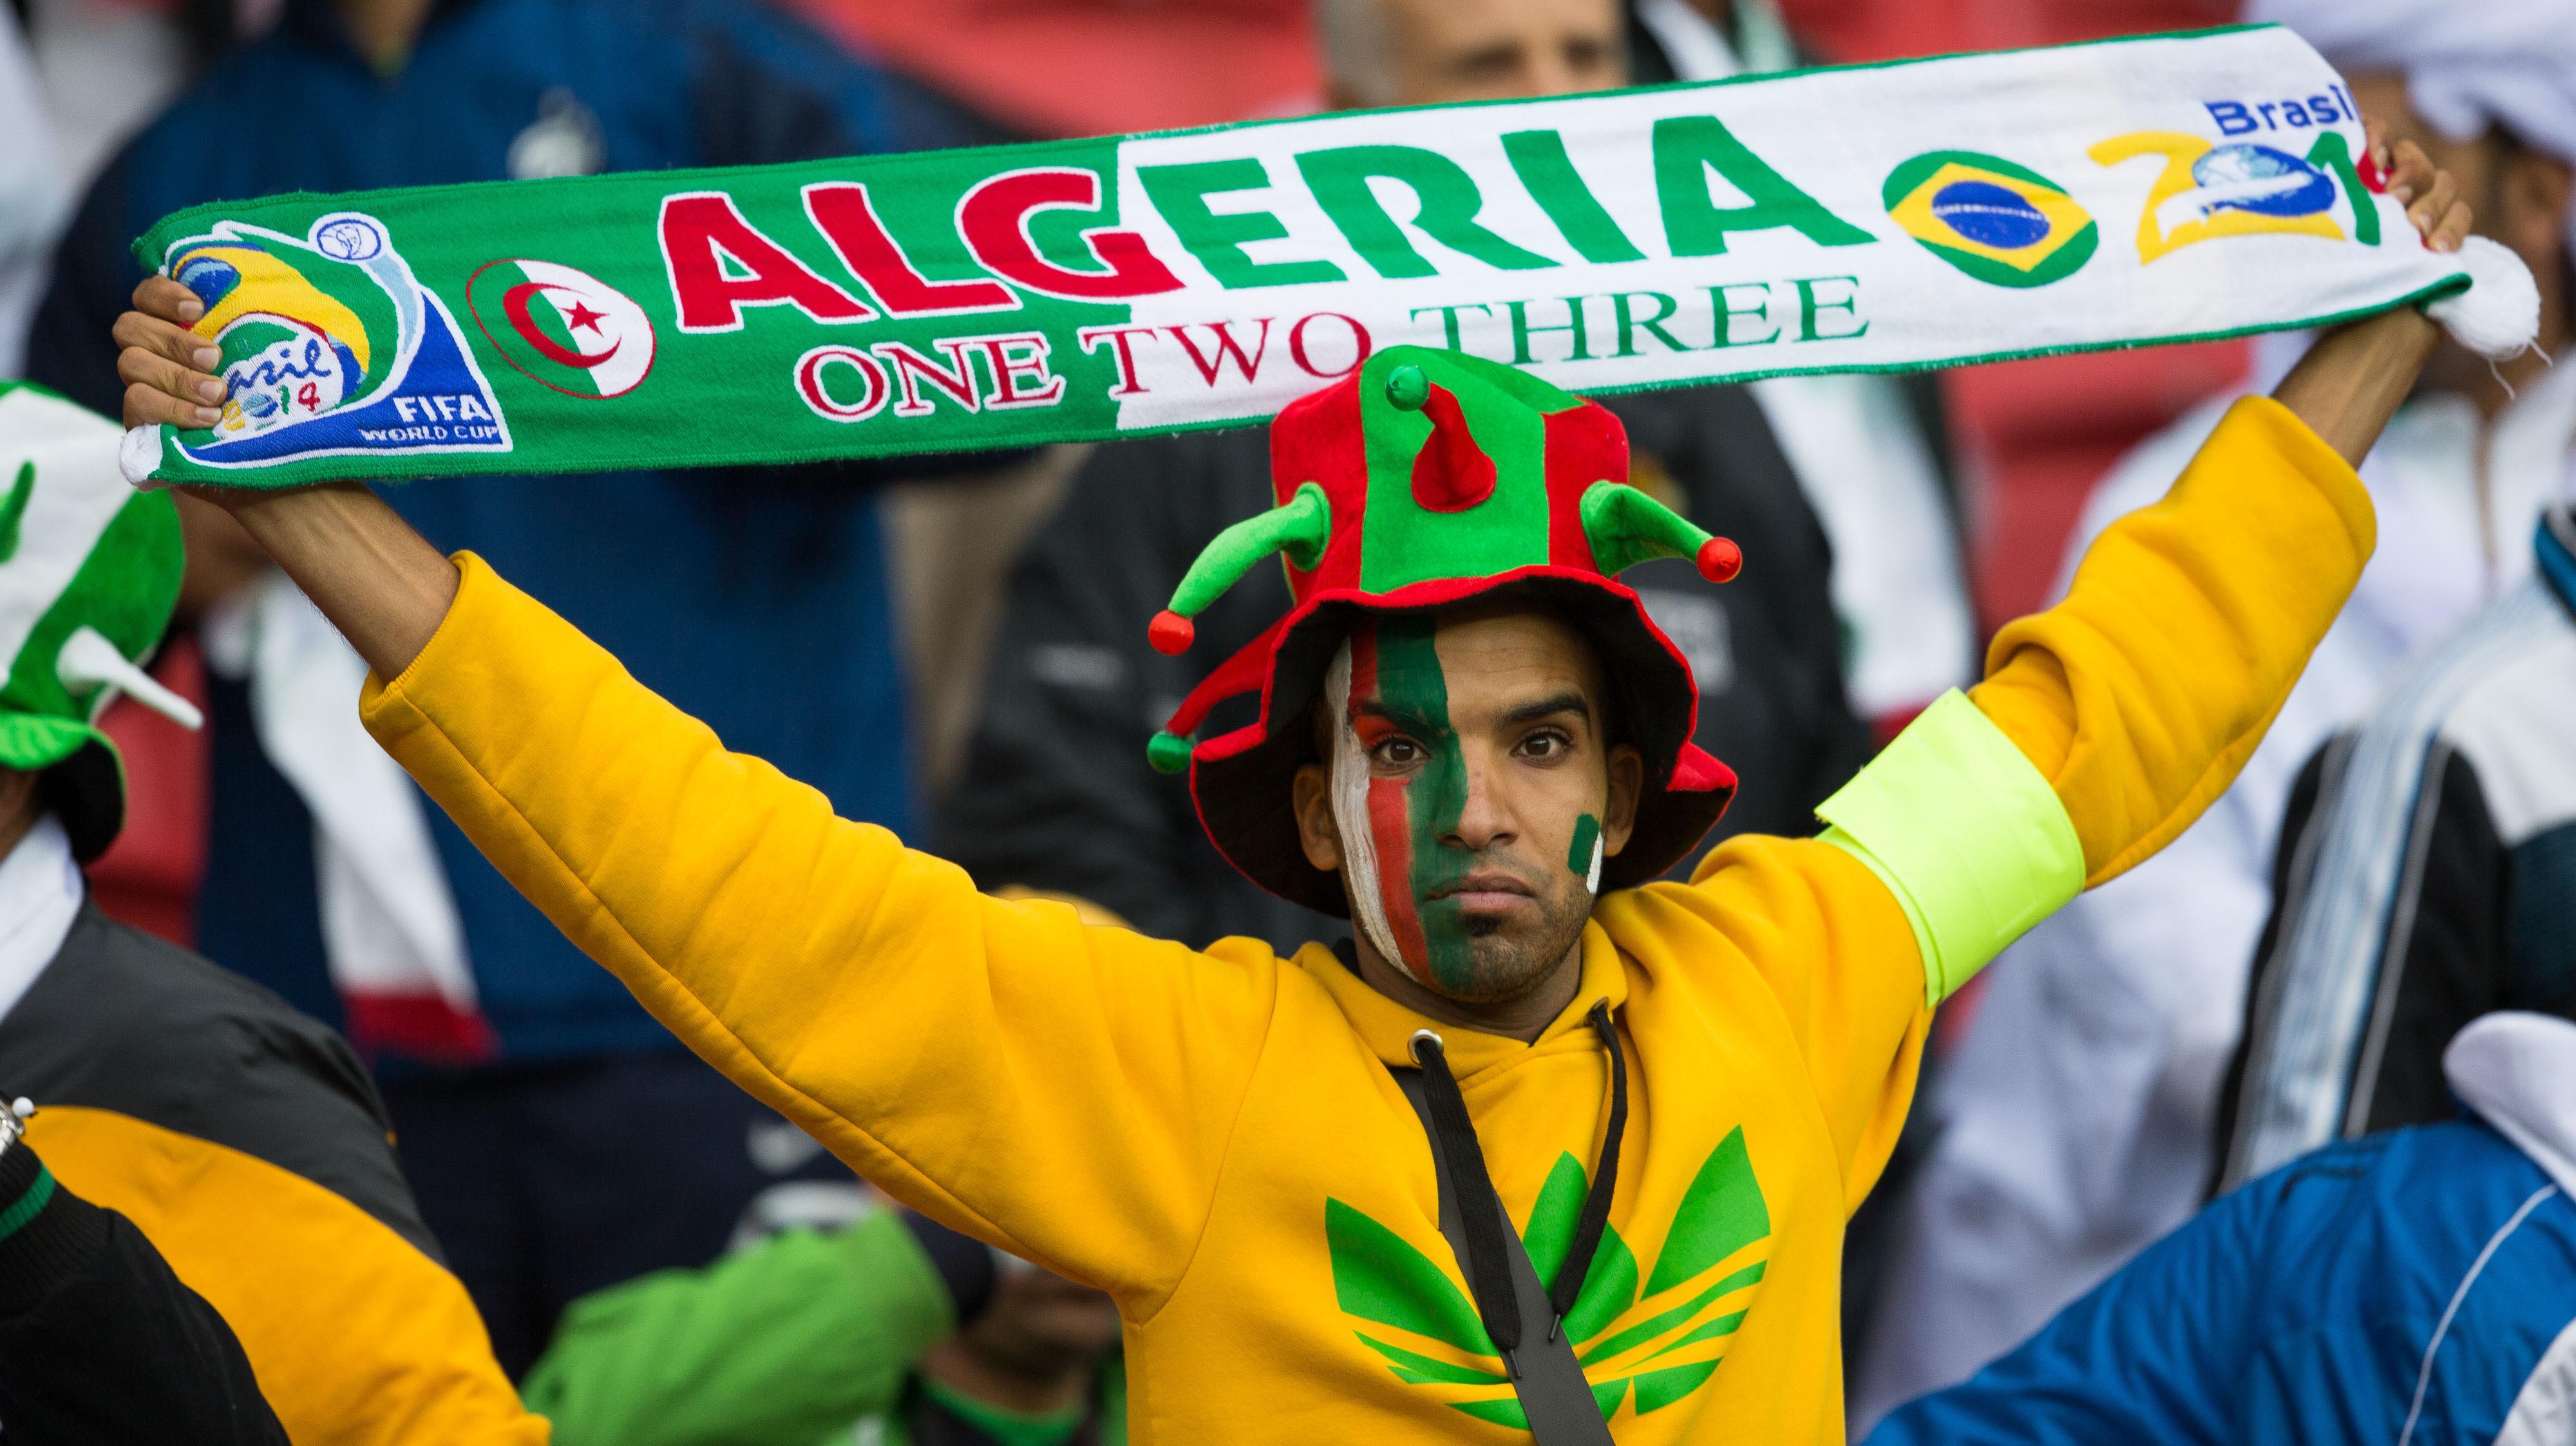 Suivez allemagne alg rie en direct sur twitter 2014 - Algerie allemagne coupe du monde 2014 ...